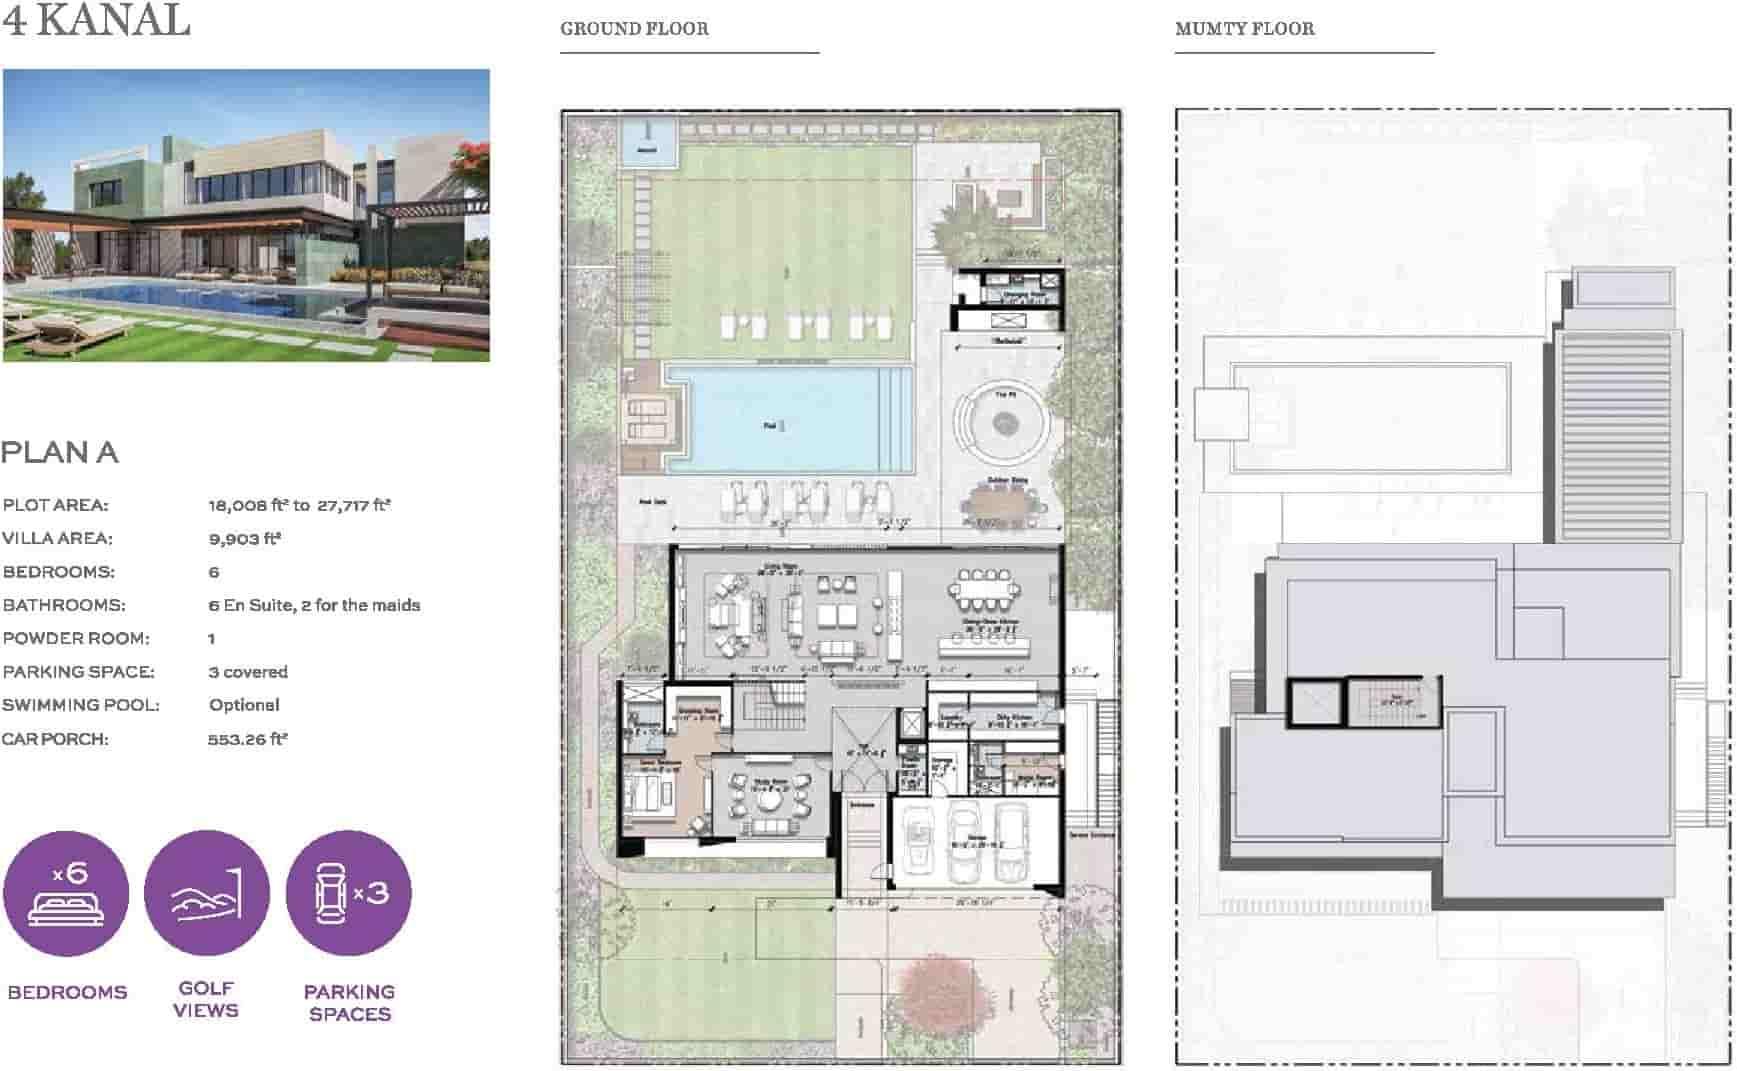 Eighteen 4 Kanal Villa Layout Plan A